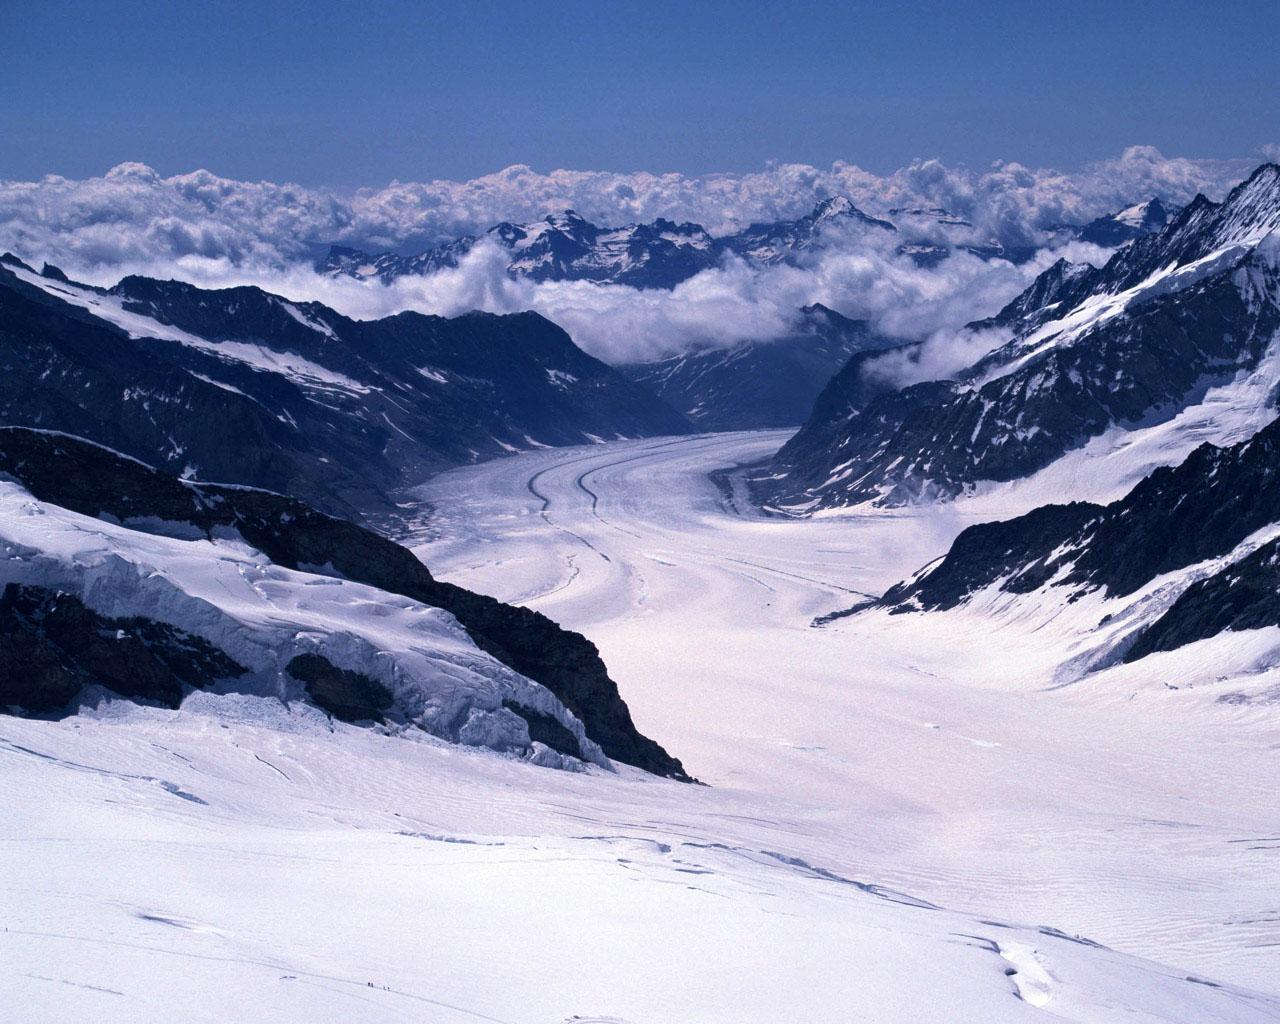 Pemandangan Salju Megah Di Pegunungan Salju HD Wallpaper Gratis 47